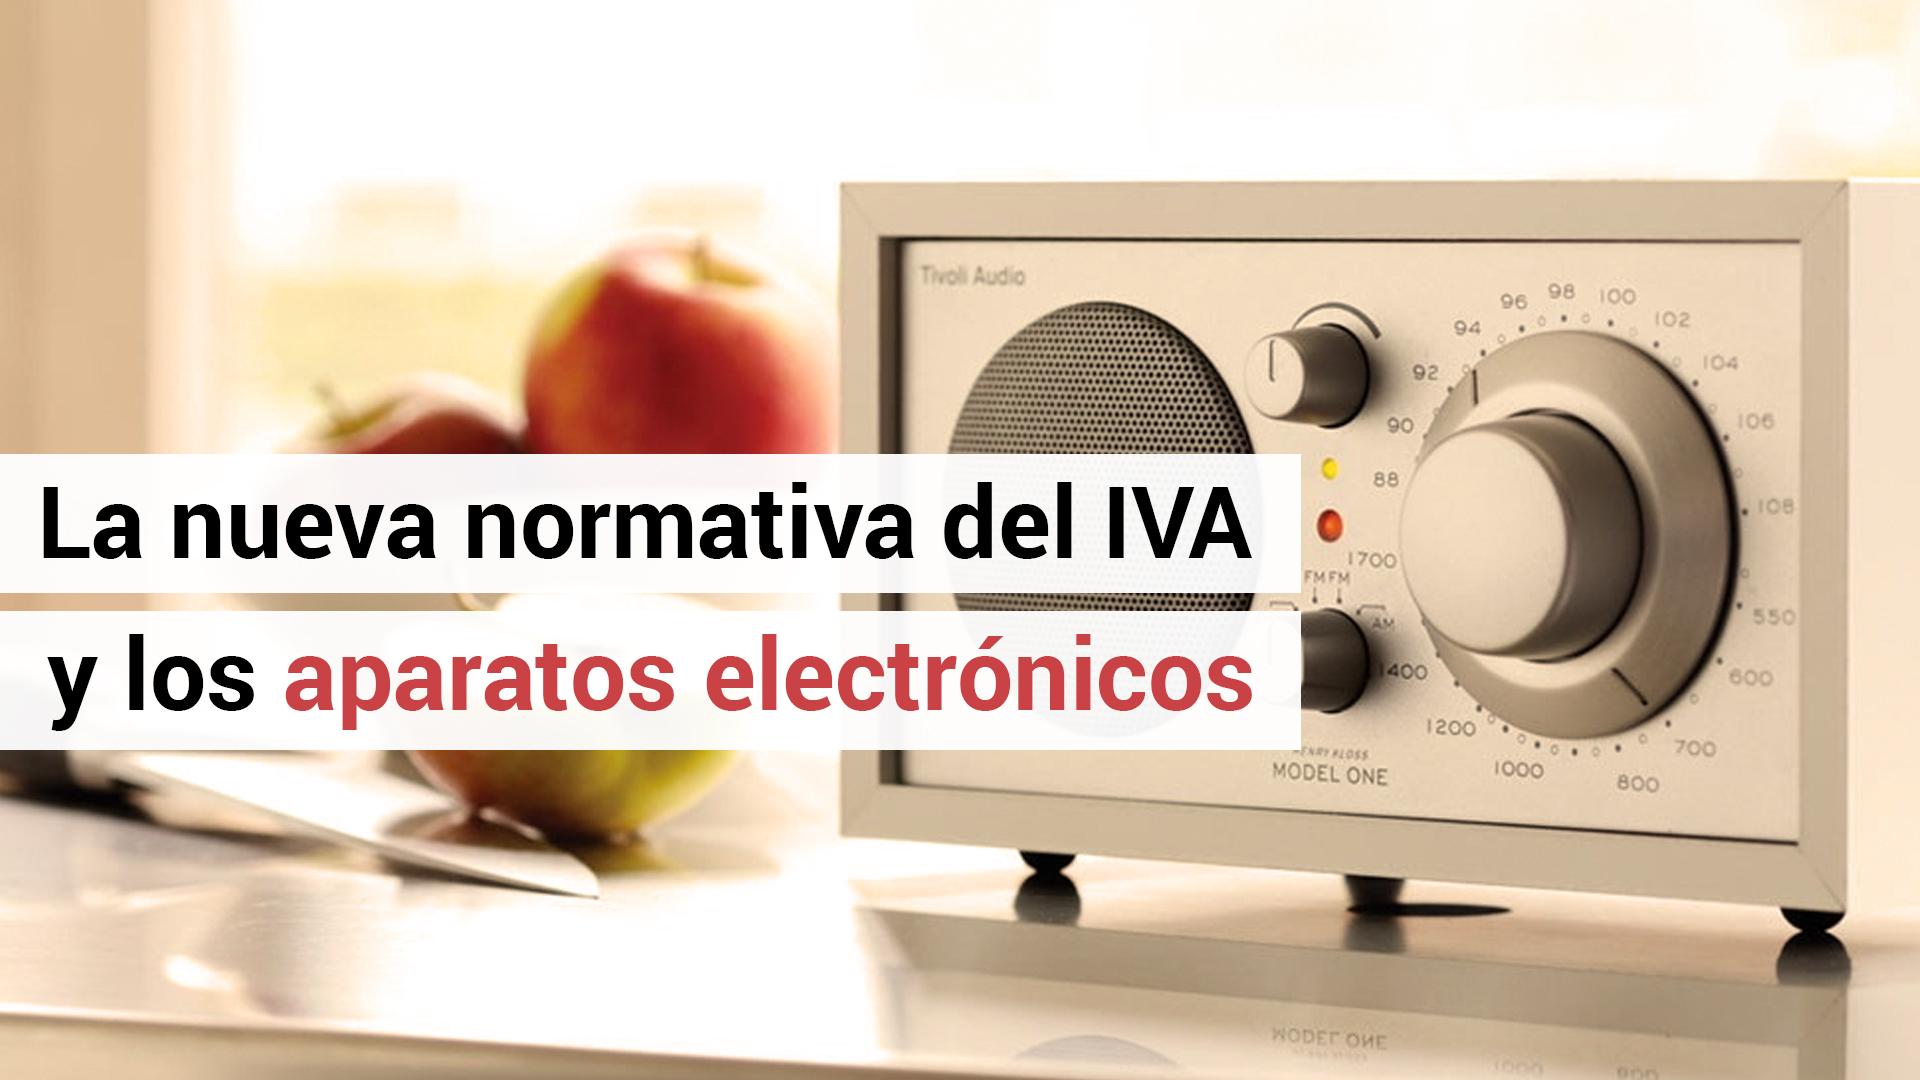 Nueva normativa del IVA para revendedores de aparatos electrónicos